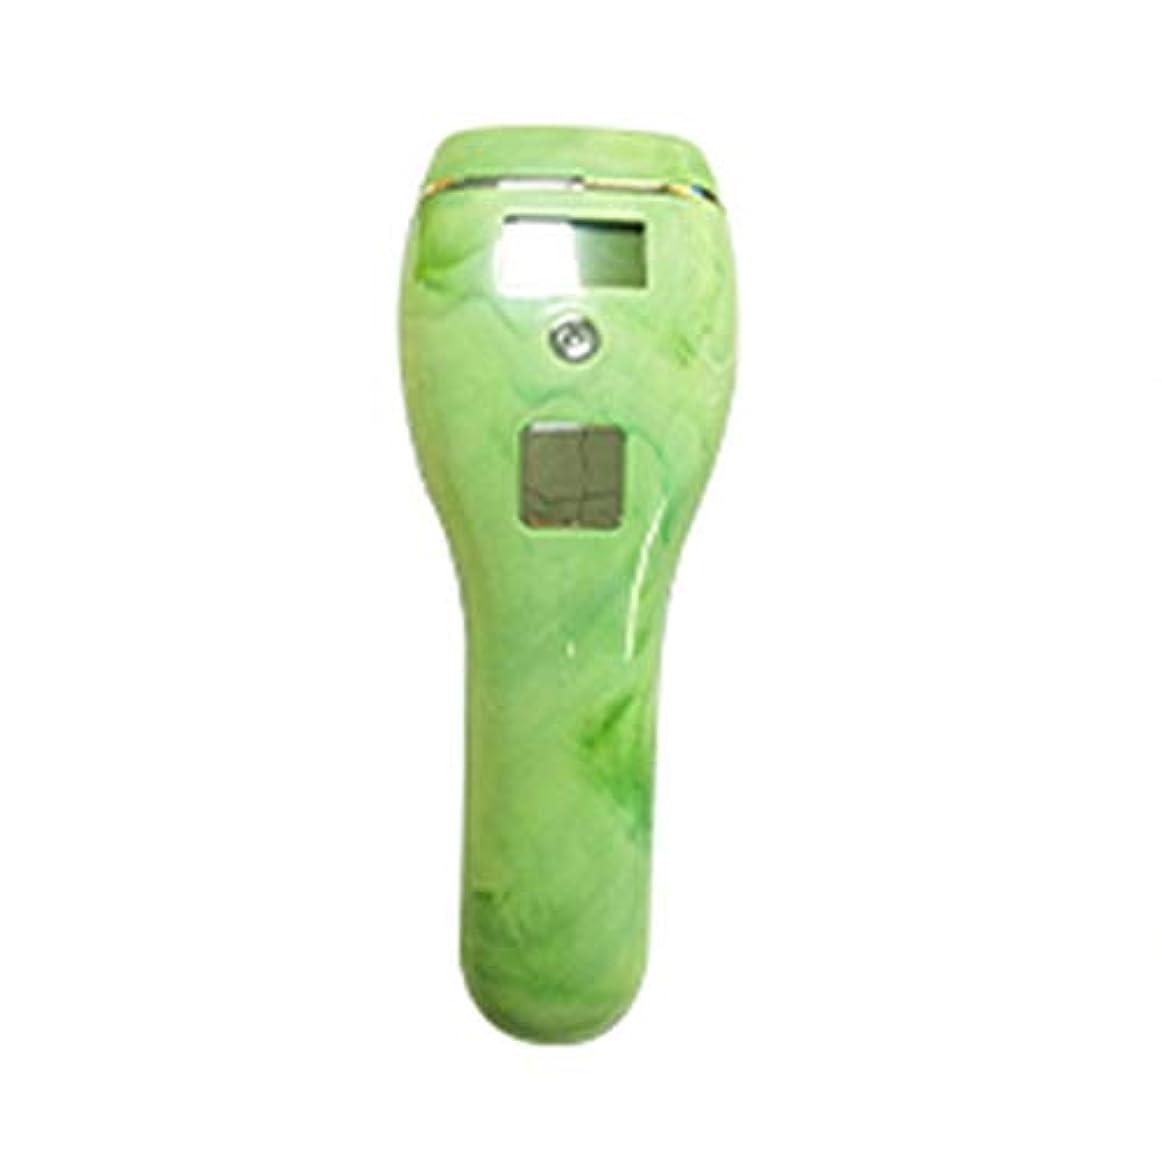 それクーポン相手高男 自動皮膚感知グリーン、5スピード調整、石英管、ポータブル無痛全身凍結脱毛器、サイズ19x7x5cm (Color : Green)